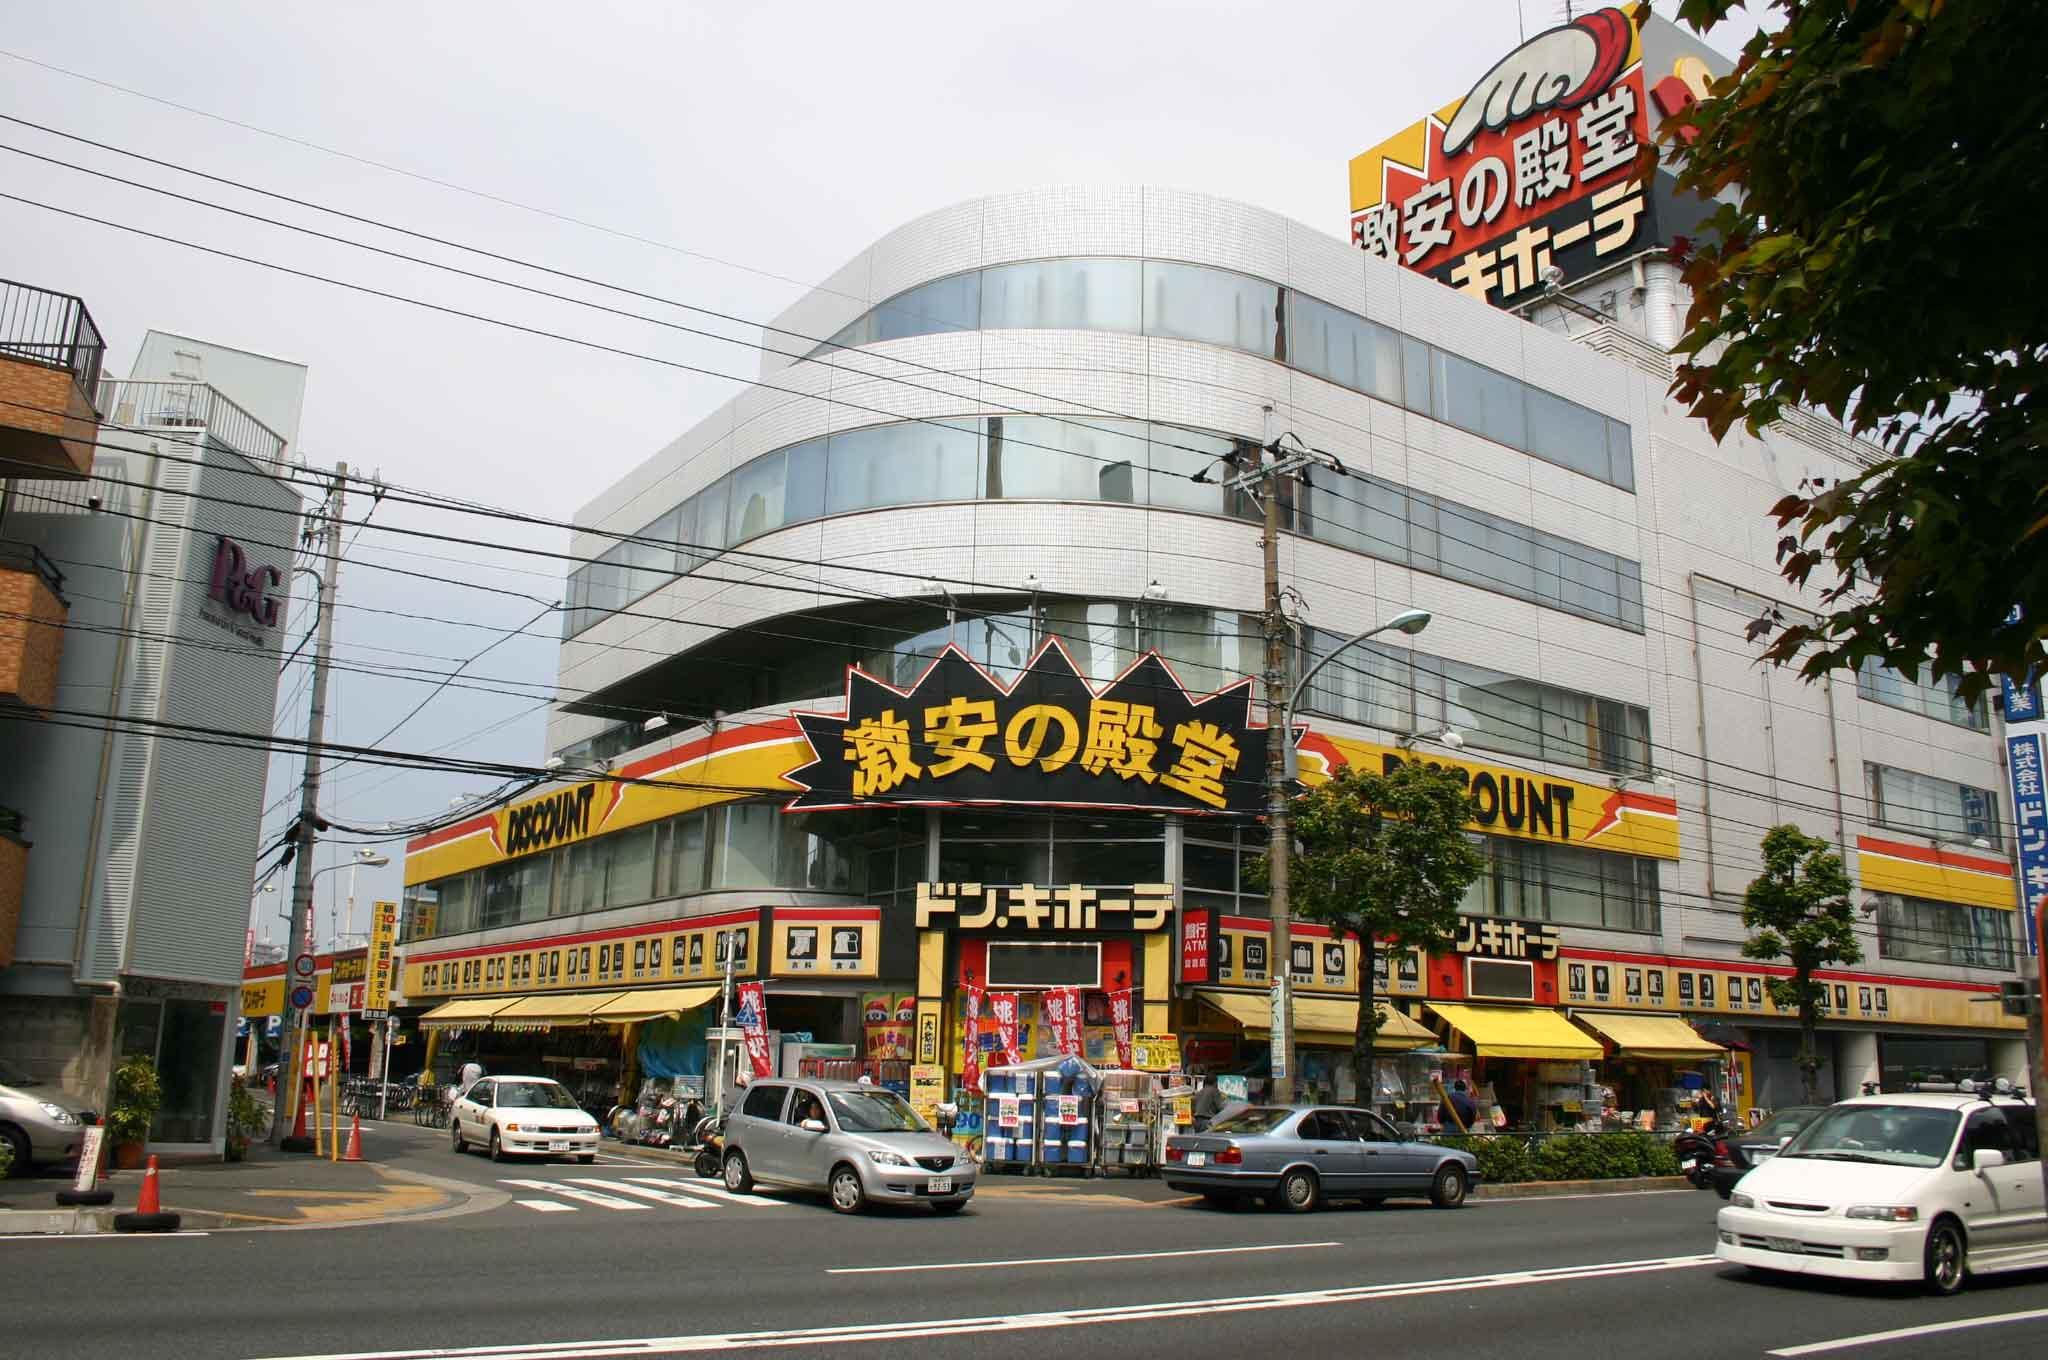 江戸川の畔(ほとり)                kincyan